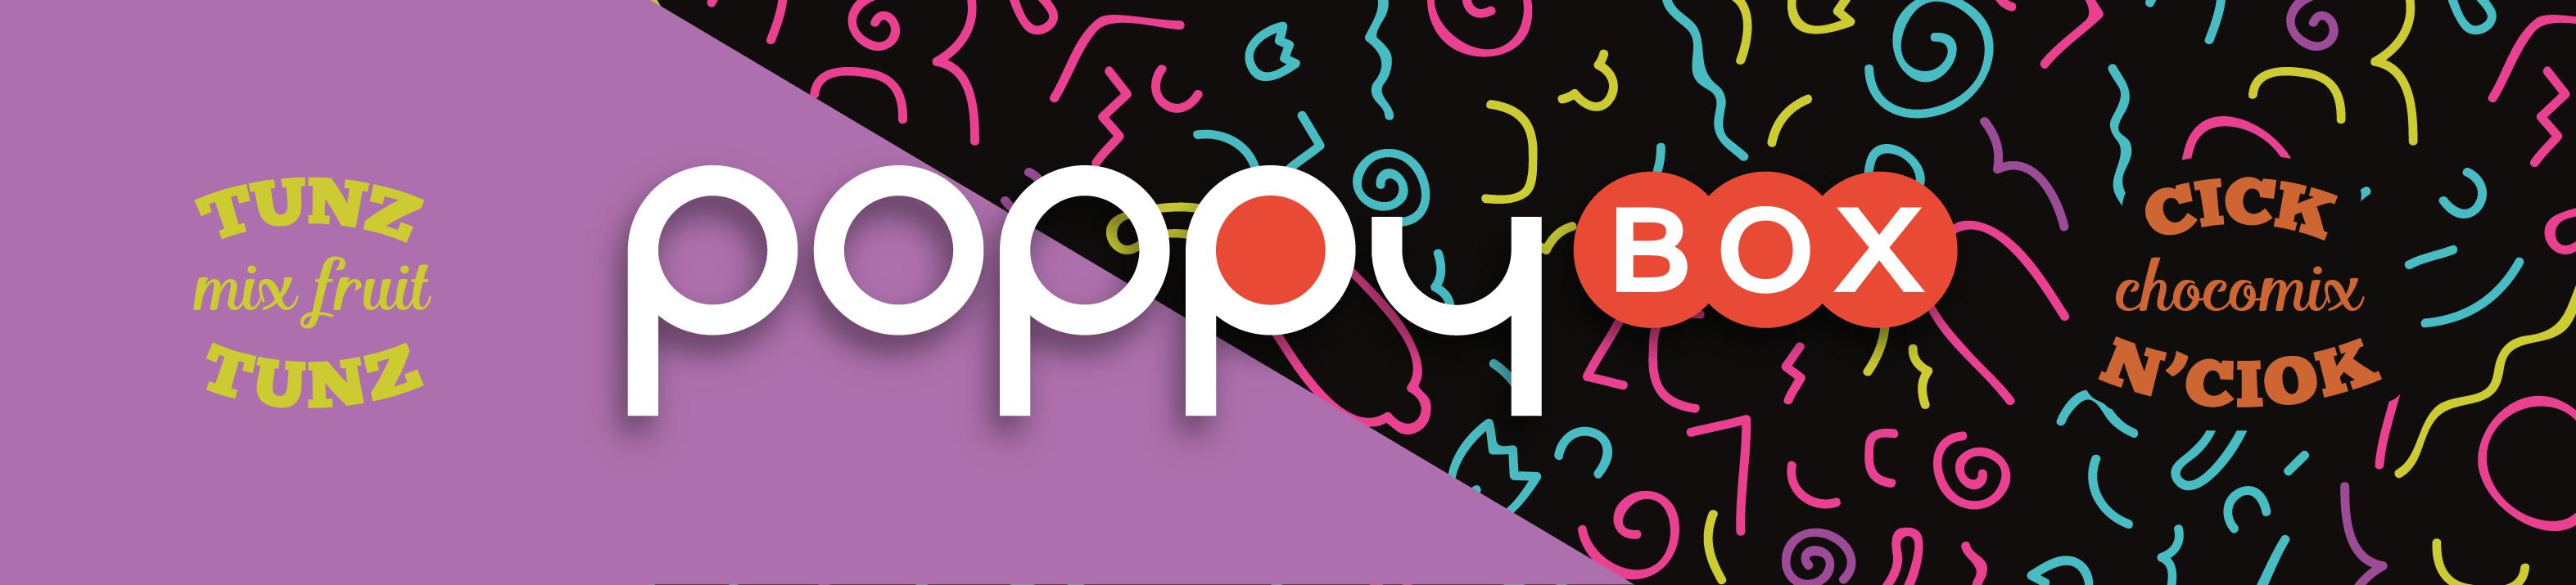 PoppyBox párty balení Tunz mix fruit (papírky,filtry, zápalky, žvejkačky,bonony a preservtiv v jednom)